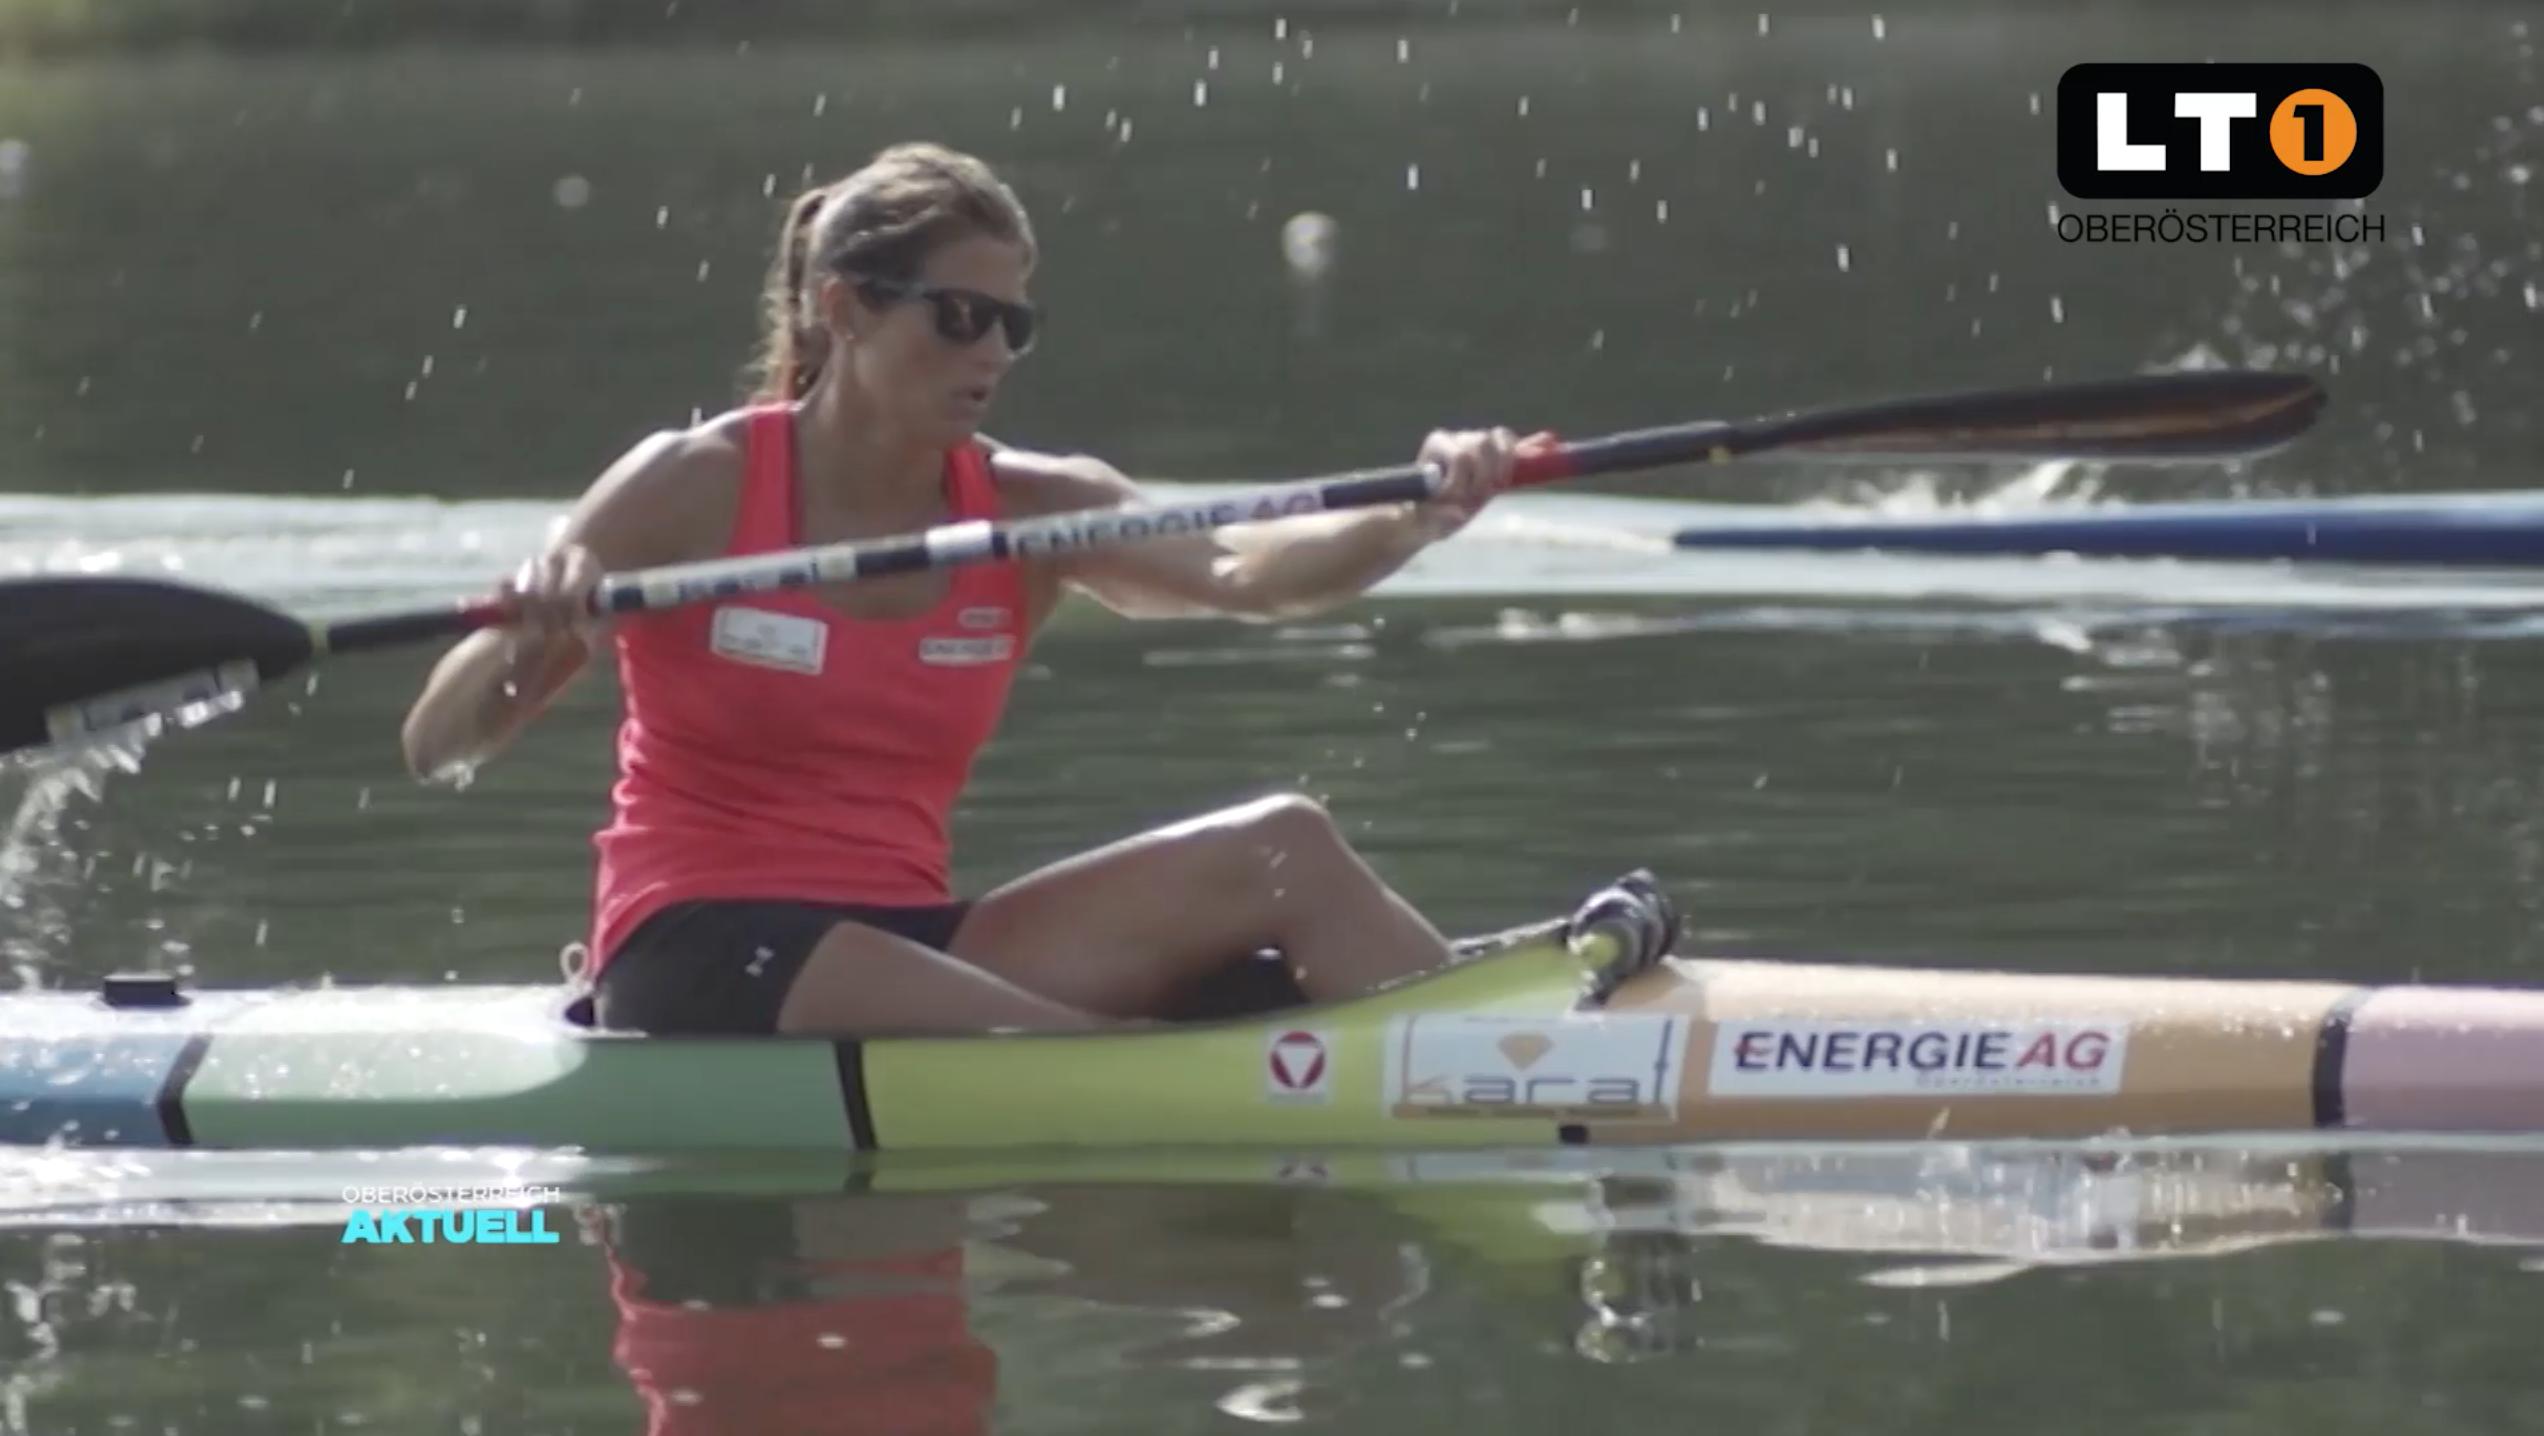 Energie AG unterstützt Sportler